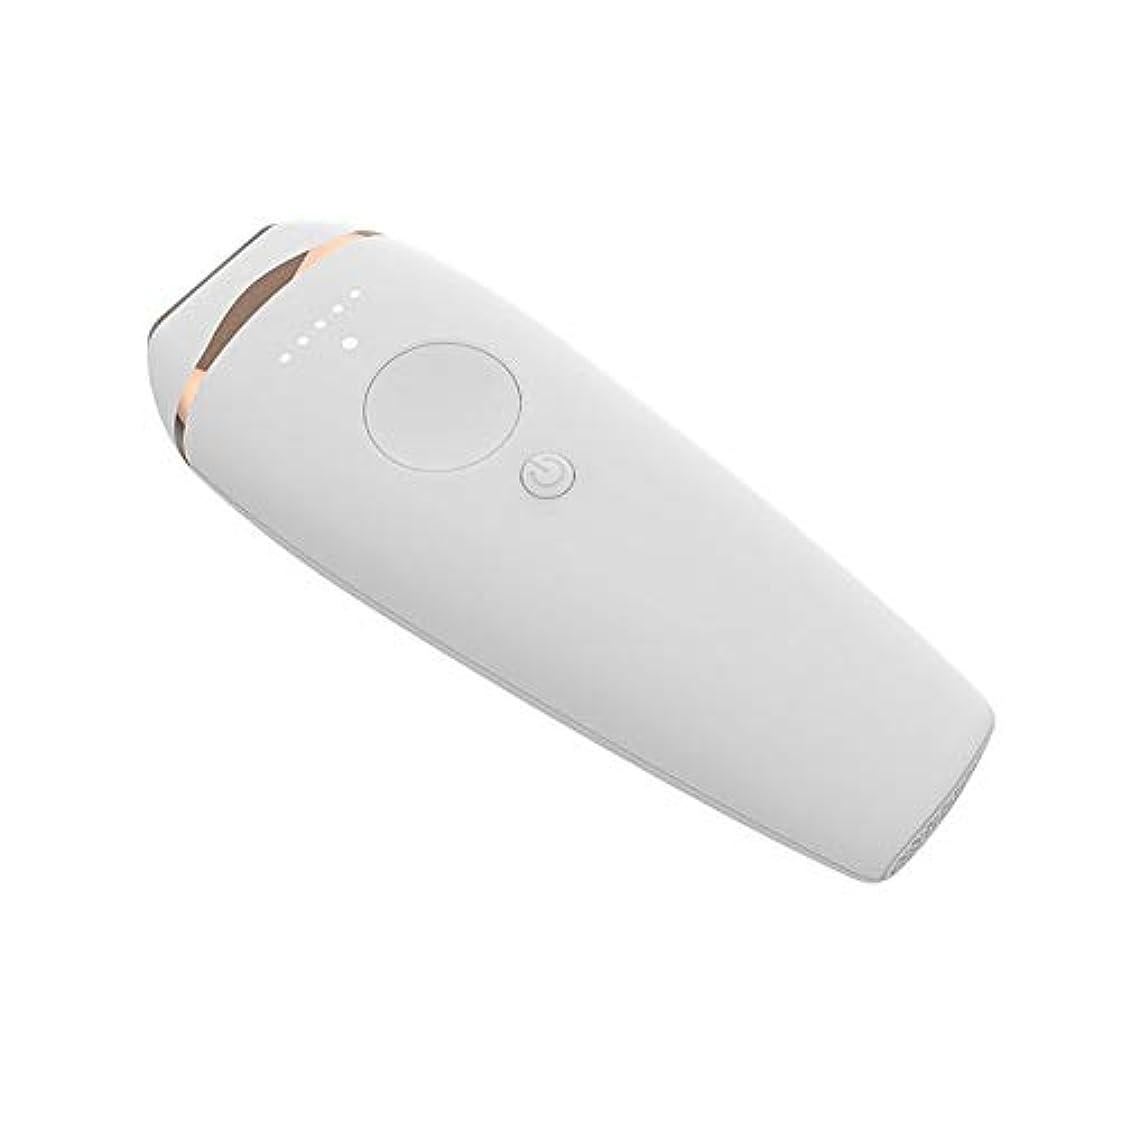 コークス佐賀仮装痛みのないボディポータブルヘアリムーバーシェービングマシン美容容器、5スピード調整、滑らかで滑らかな肌、サイズ20.5×14.9×6.6センチ 安全性 (Color : Gold)